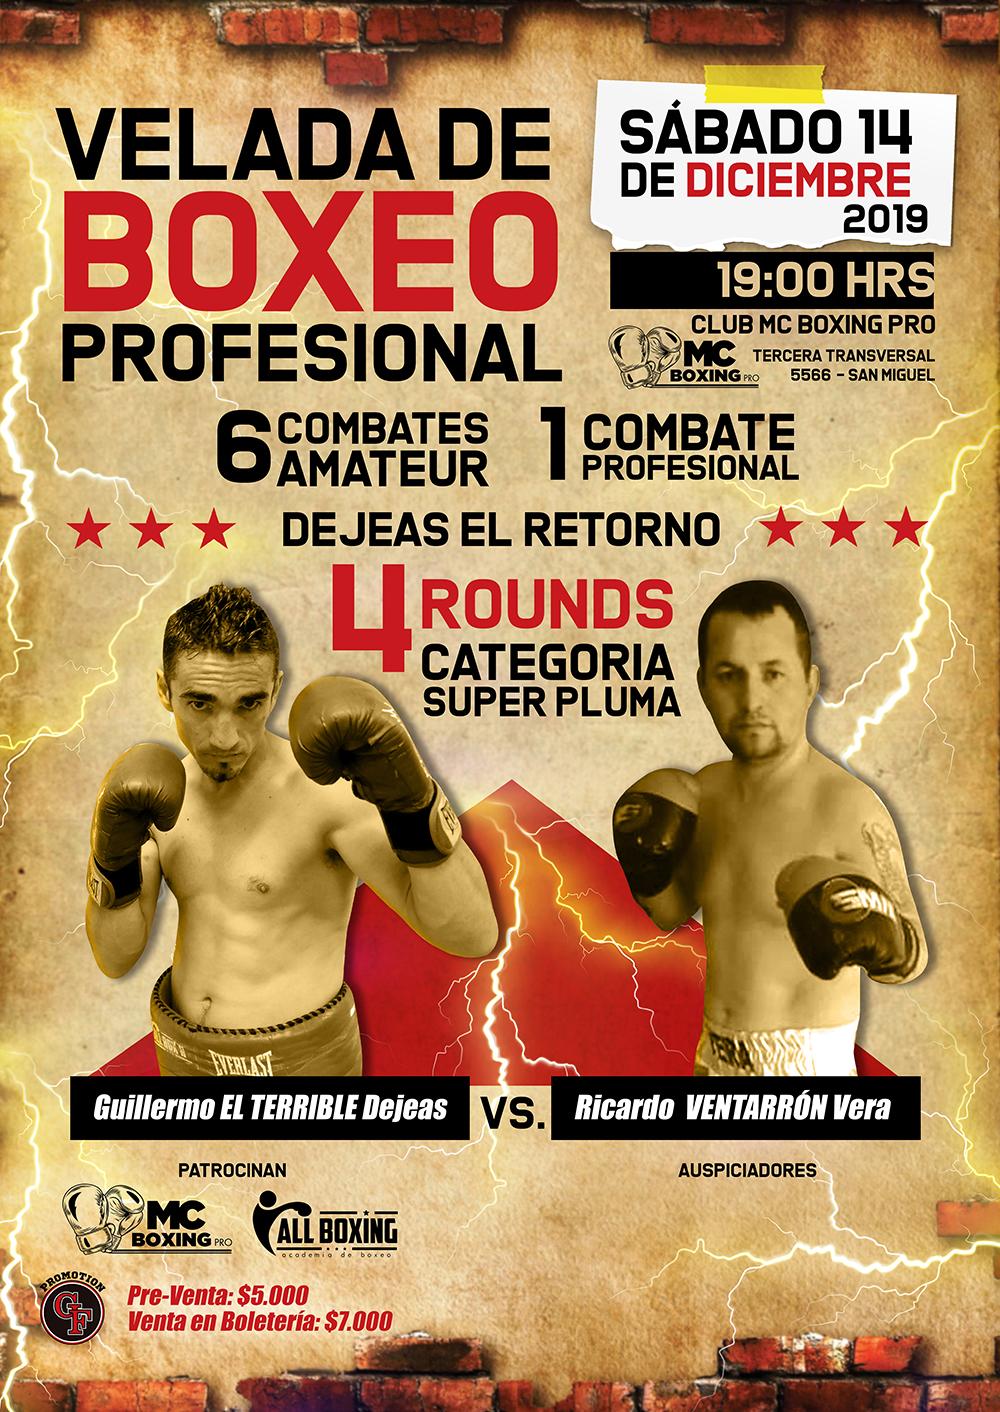 Nueva fecha - Velada de Boxeo Profesional - Dejeas,,, su retorno